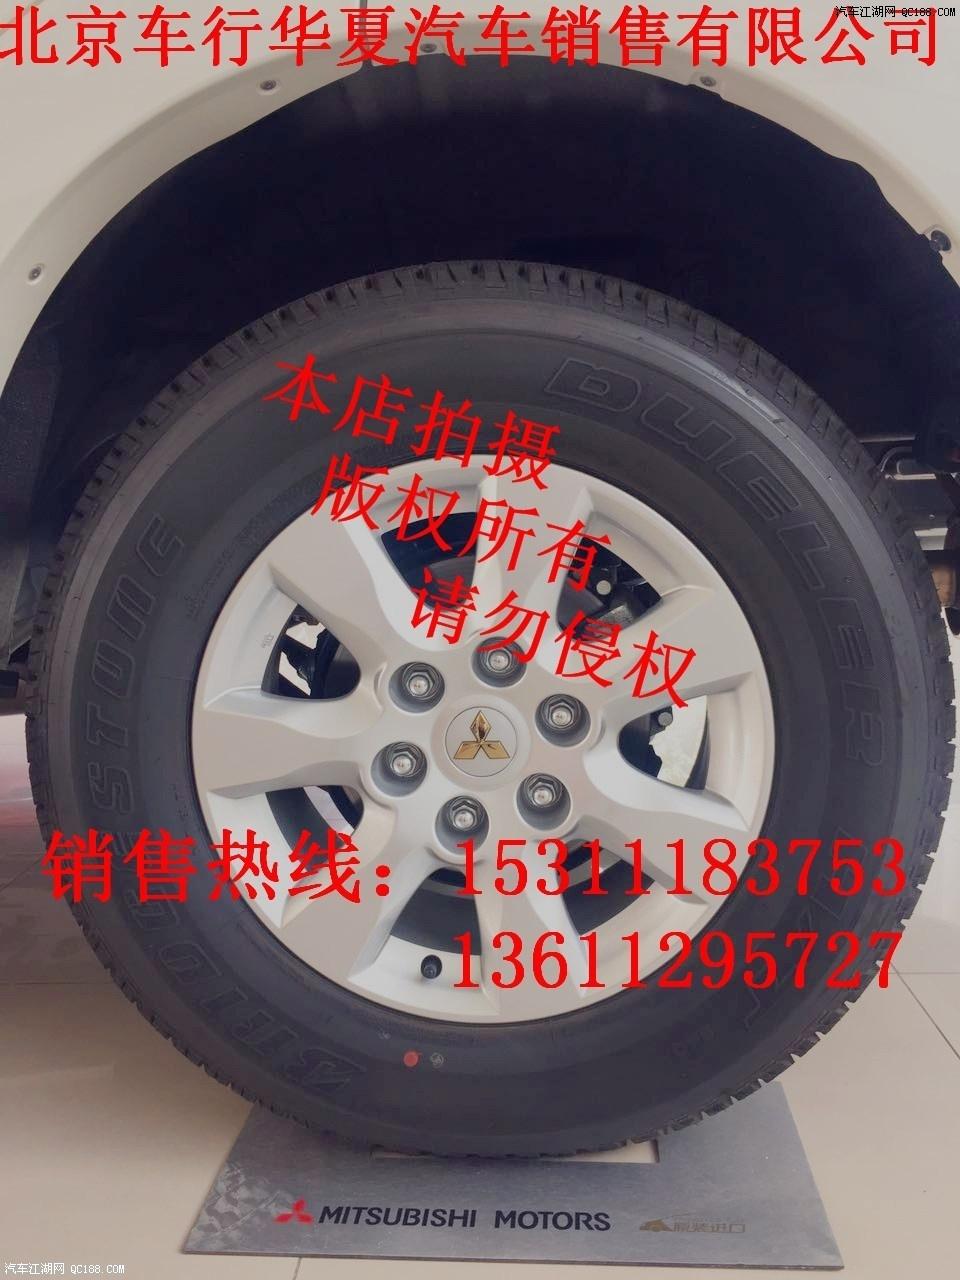 北京车行华夏汽车销售有限公司店内帕杰罗最高优惠10万高清图片